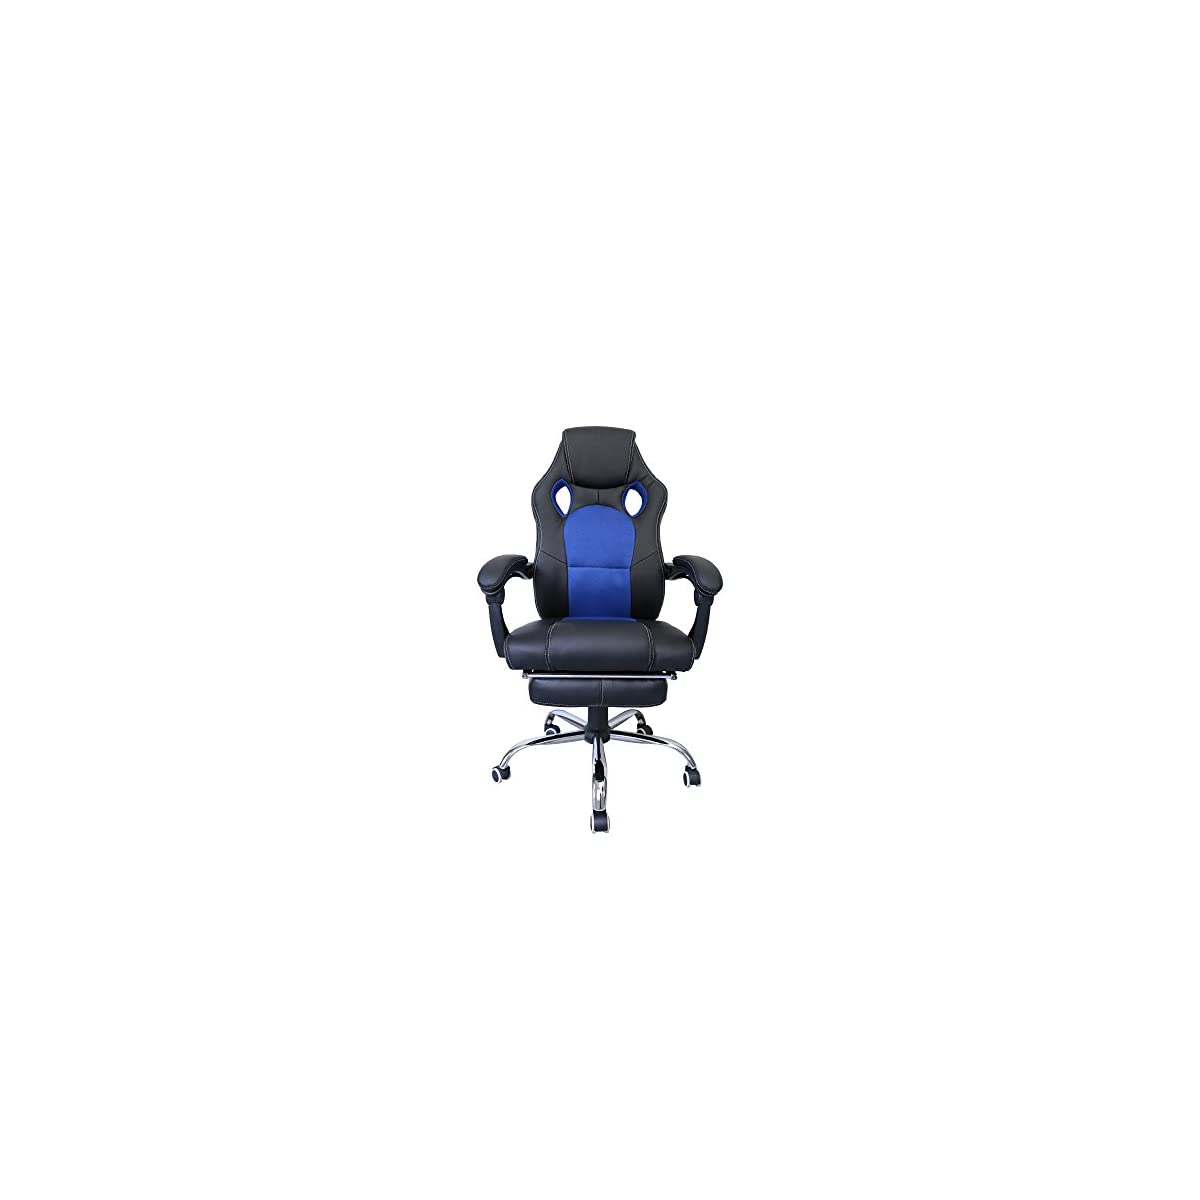 41cJj1ctdcL. SS1200  - huigou HG® Silla Giratoria De Oficina Gaming Chair Apoyabrazos Acolchados Premium Comfort Silla Racing De Carga Altura Ajustable